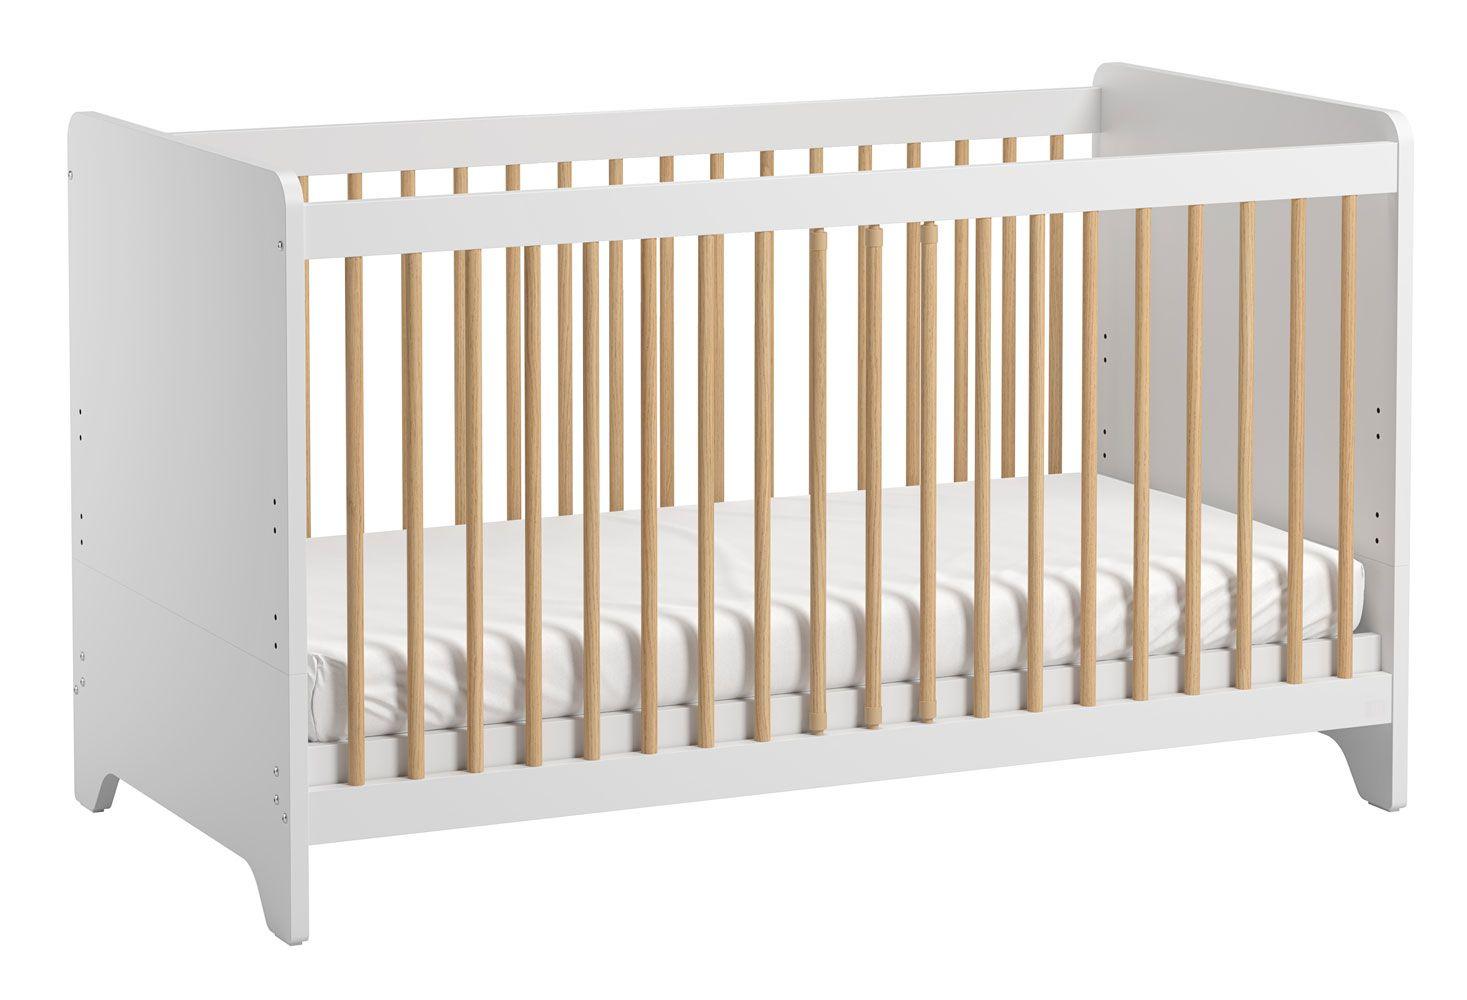 Babybett / Gitterbett Majvi 04, Farbe: Weiß / Eiche - Liegefläche: 70 x 140 cm (B x L)